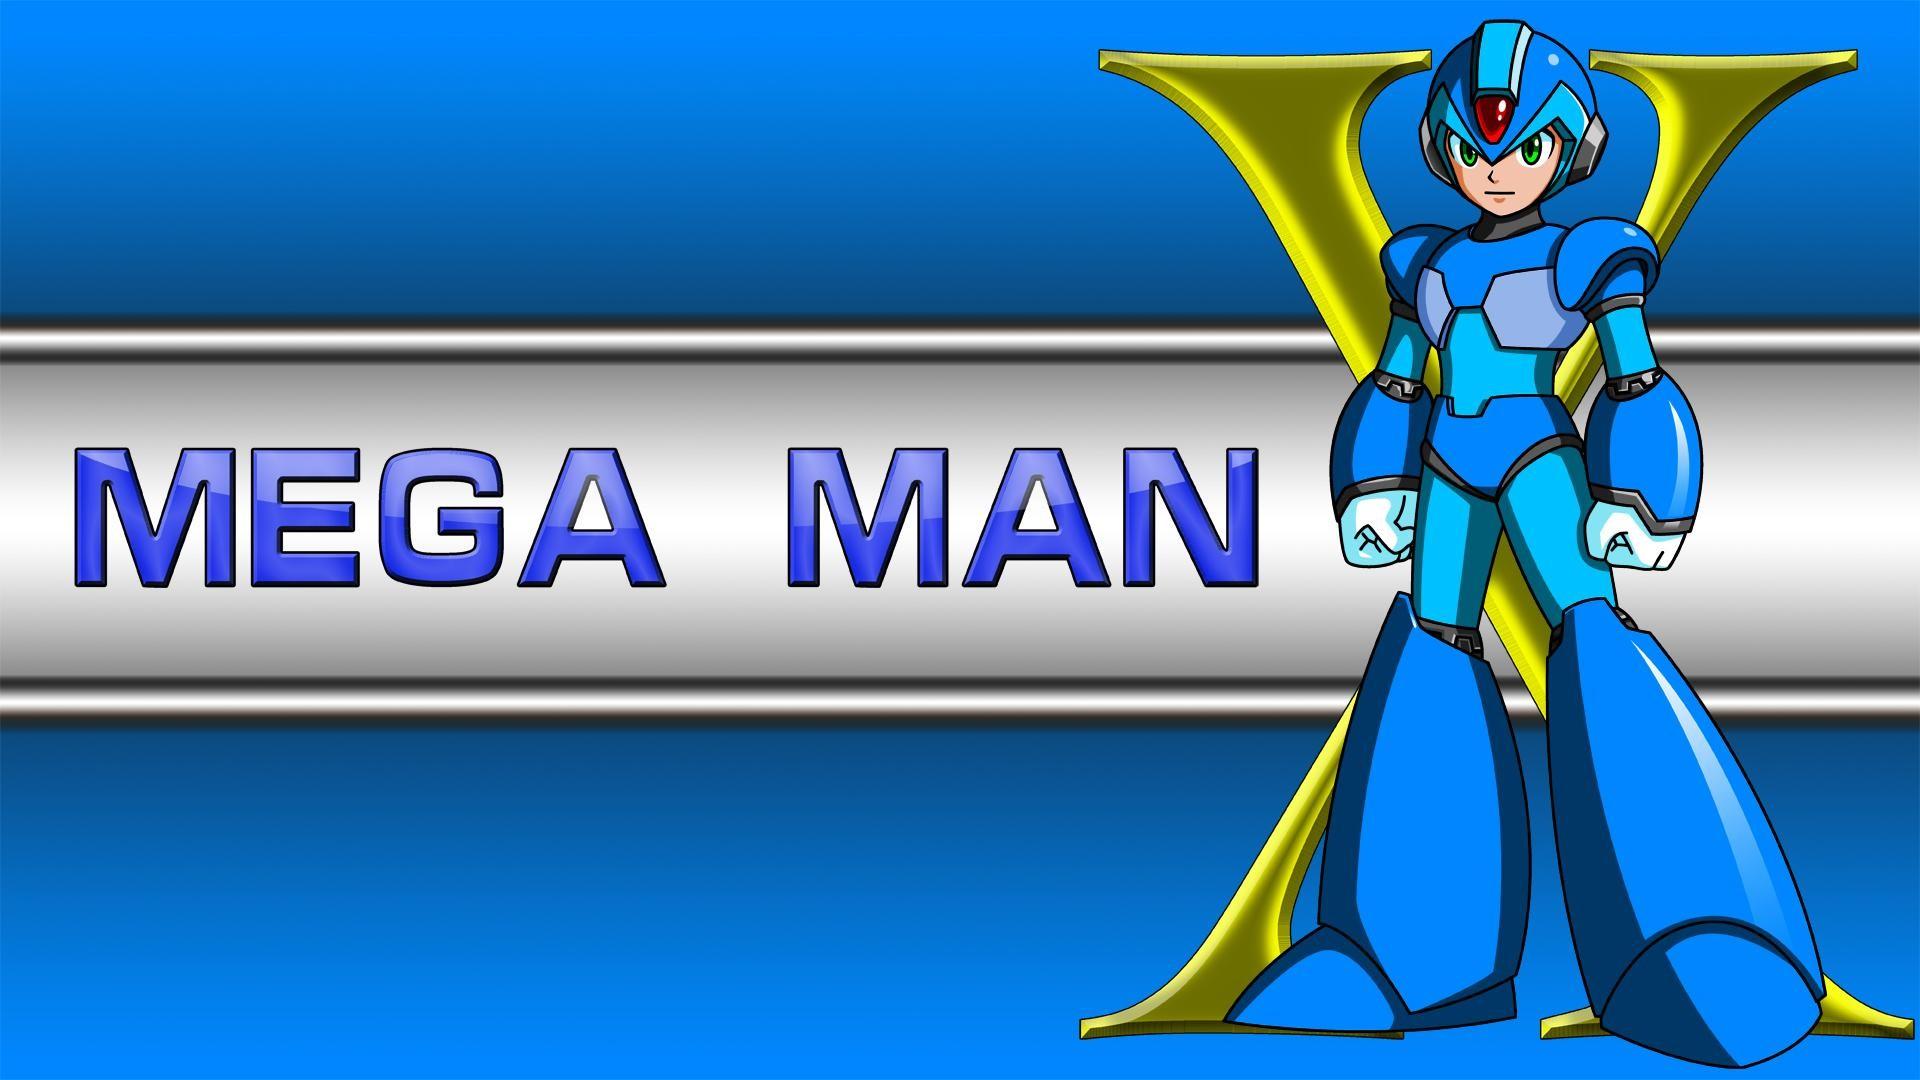 Mega Man X wallpaper thumb